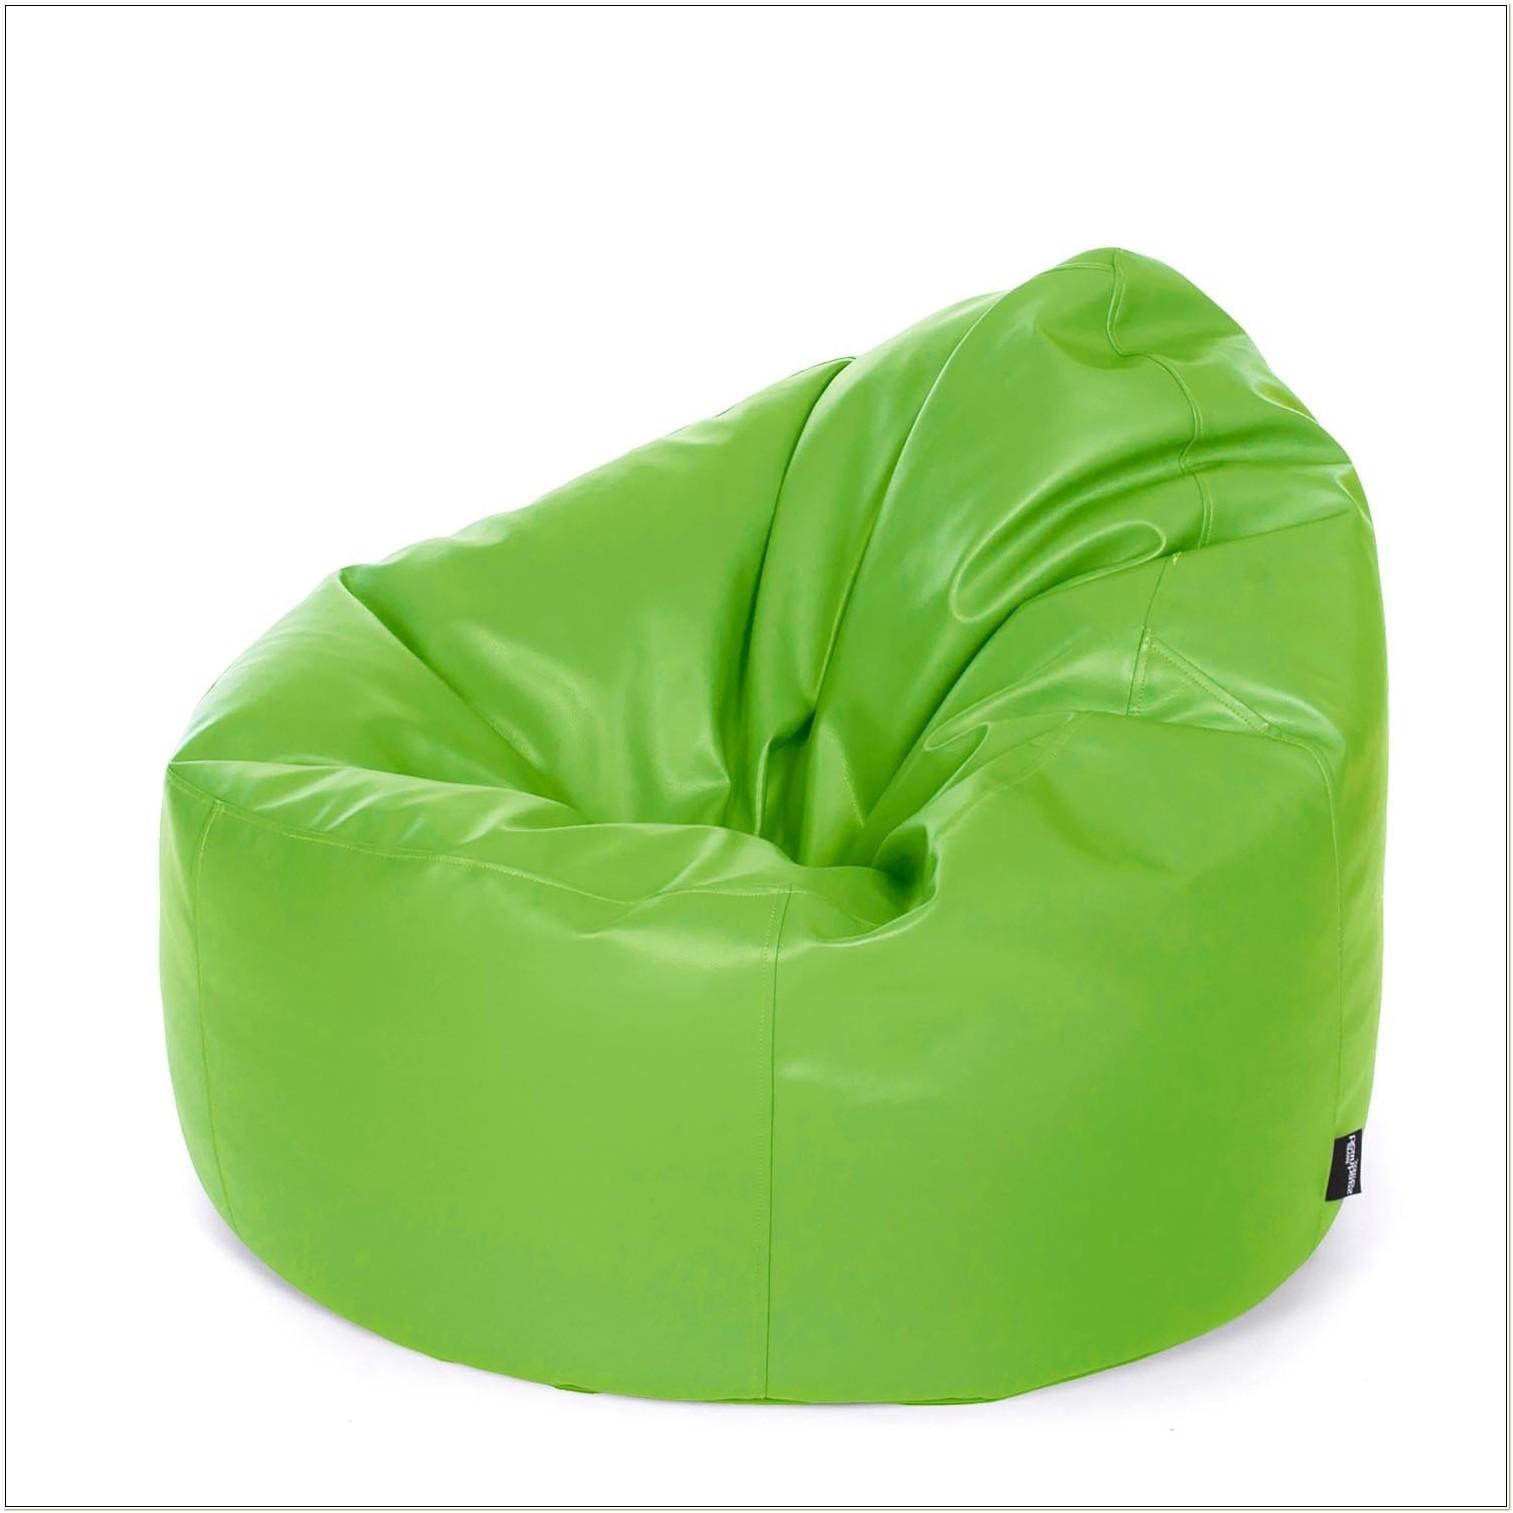 Bright Green Bean Bag Chair